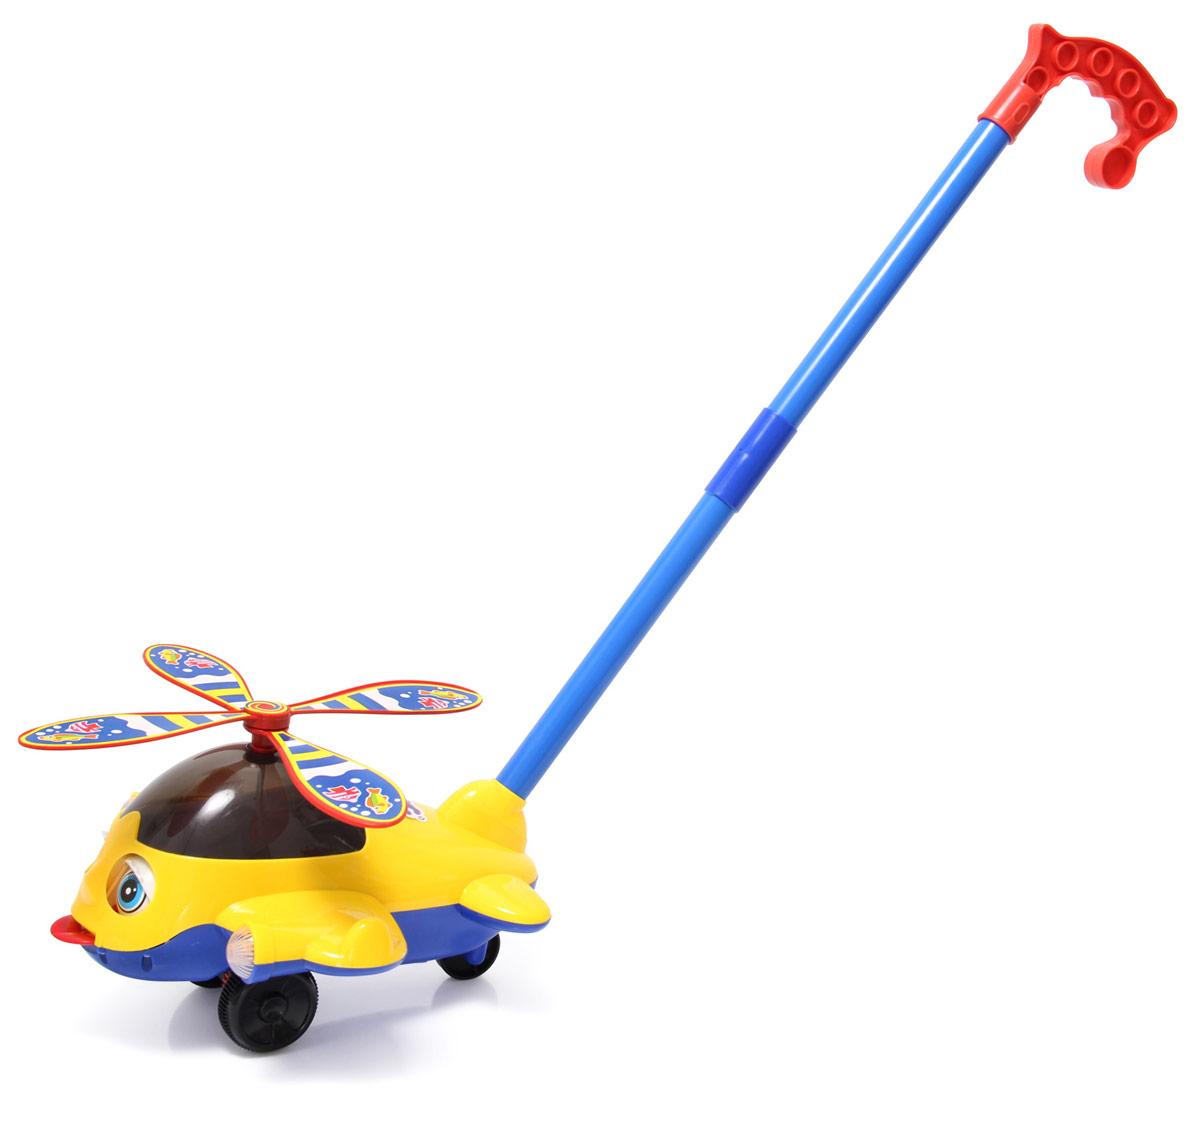 Ami&Co Игрушка-каталка Вертолет со светом44427Яркий и веселый вертолетик. Ребенок катает игрушку по полу - вертолет закрывает и открывает глазки, высовывая язык, пропеллер вращается по кругу. При катании игрушка издает звук, имитирующий взлет вертолета, играет забавная мелодия. Данная модель оснащенная световыми эффектами: габаритные огни на крыльях светятся, разноцветные огоньки в салоне. Кнопка включения на крыле. Требуются 2 батарейки типа АА. Палка (сборная) вставляется в игрушку. Детская складная каталка предназначена для малышей, которые уже начали ходить самостоятельно. Яркие, забавные образы принесут радость и веселье во время игр. Гремящие, шуршащие элементы развлекут вашего малыша. Модель поможет развить координацию движения, тактильные навыки и мелкую моторику рук ребенка, а издаваемые ею звуки активно стимулируют его слух. Данная модель оснащенная световыми и звуковыми эффектами: габаритные огни на крыльях светятся, разноцветные огоньки в салоне, веселая мелодия. Кнопка включения на крыле. Требуются 2 батарейки типа...